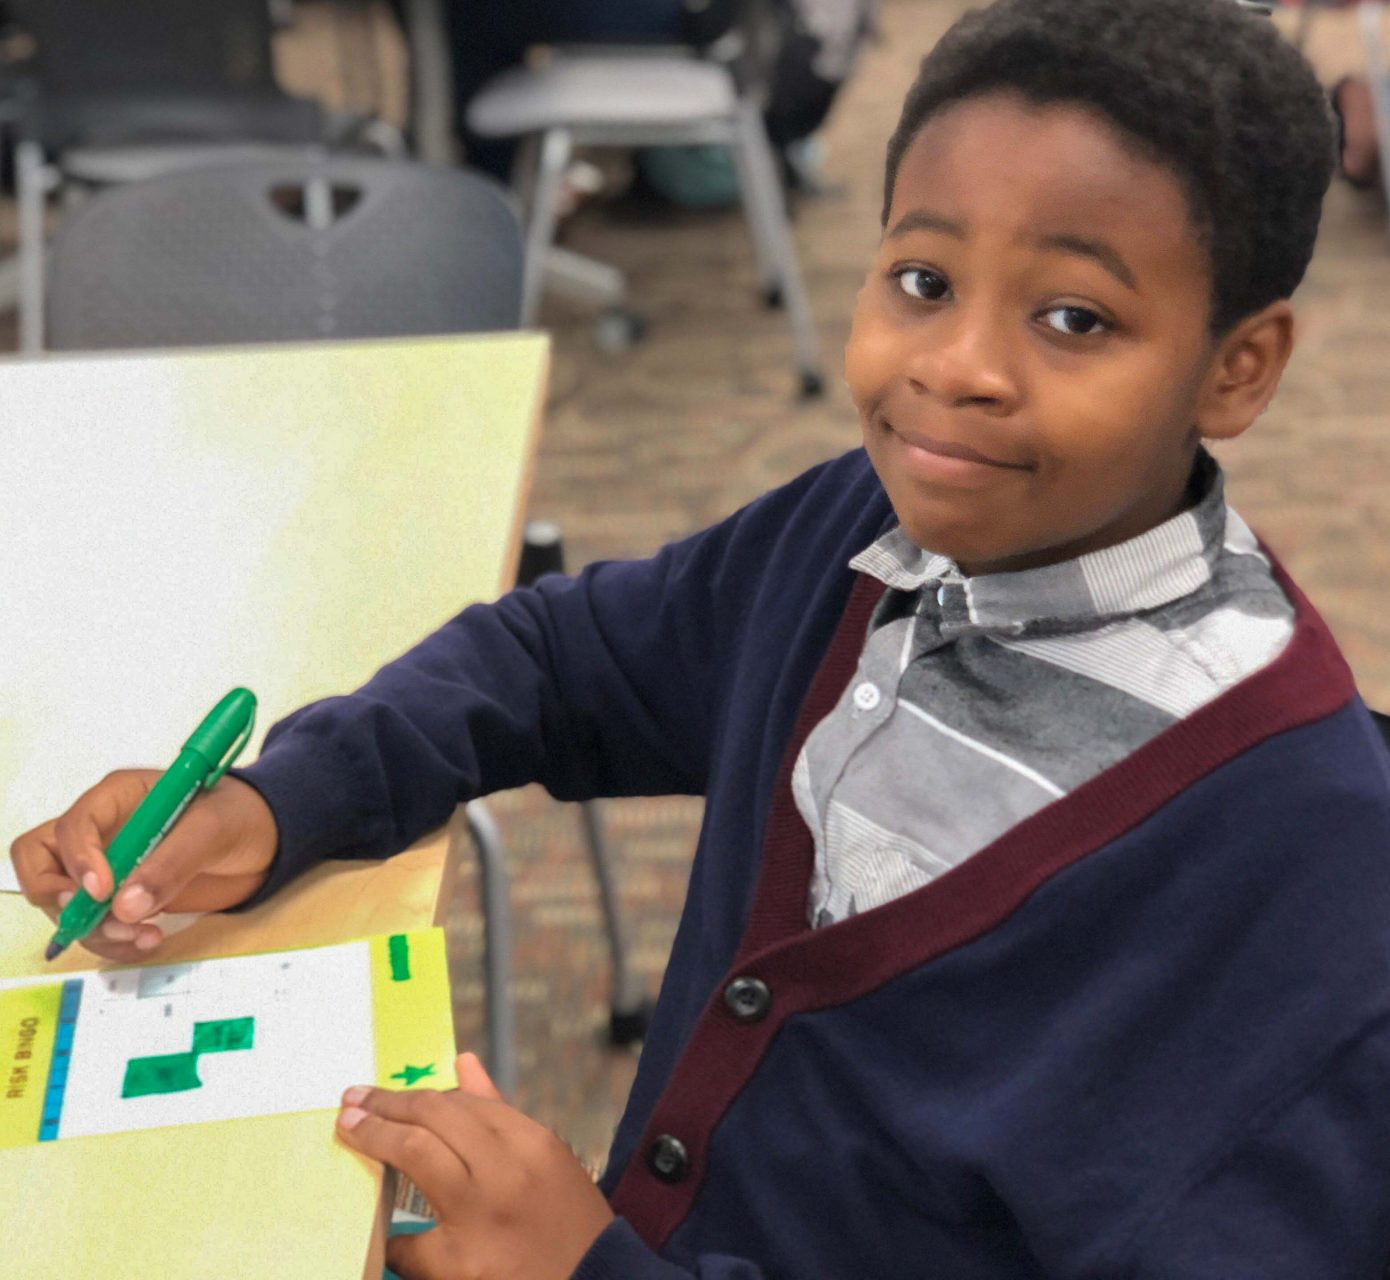 smiling boy in class writing